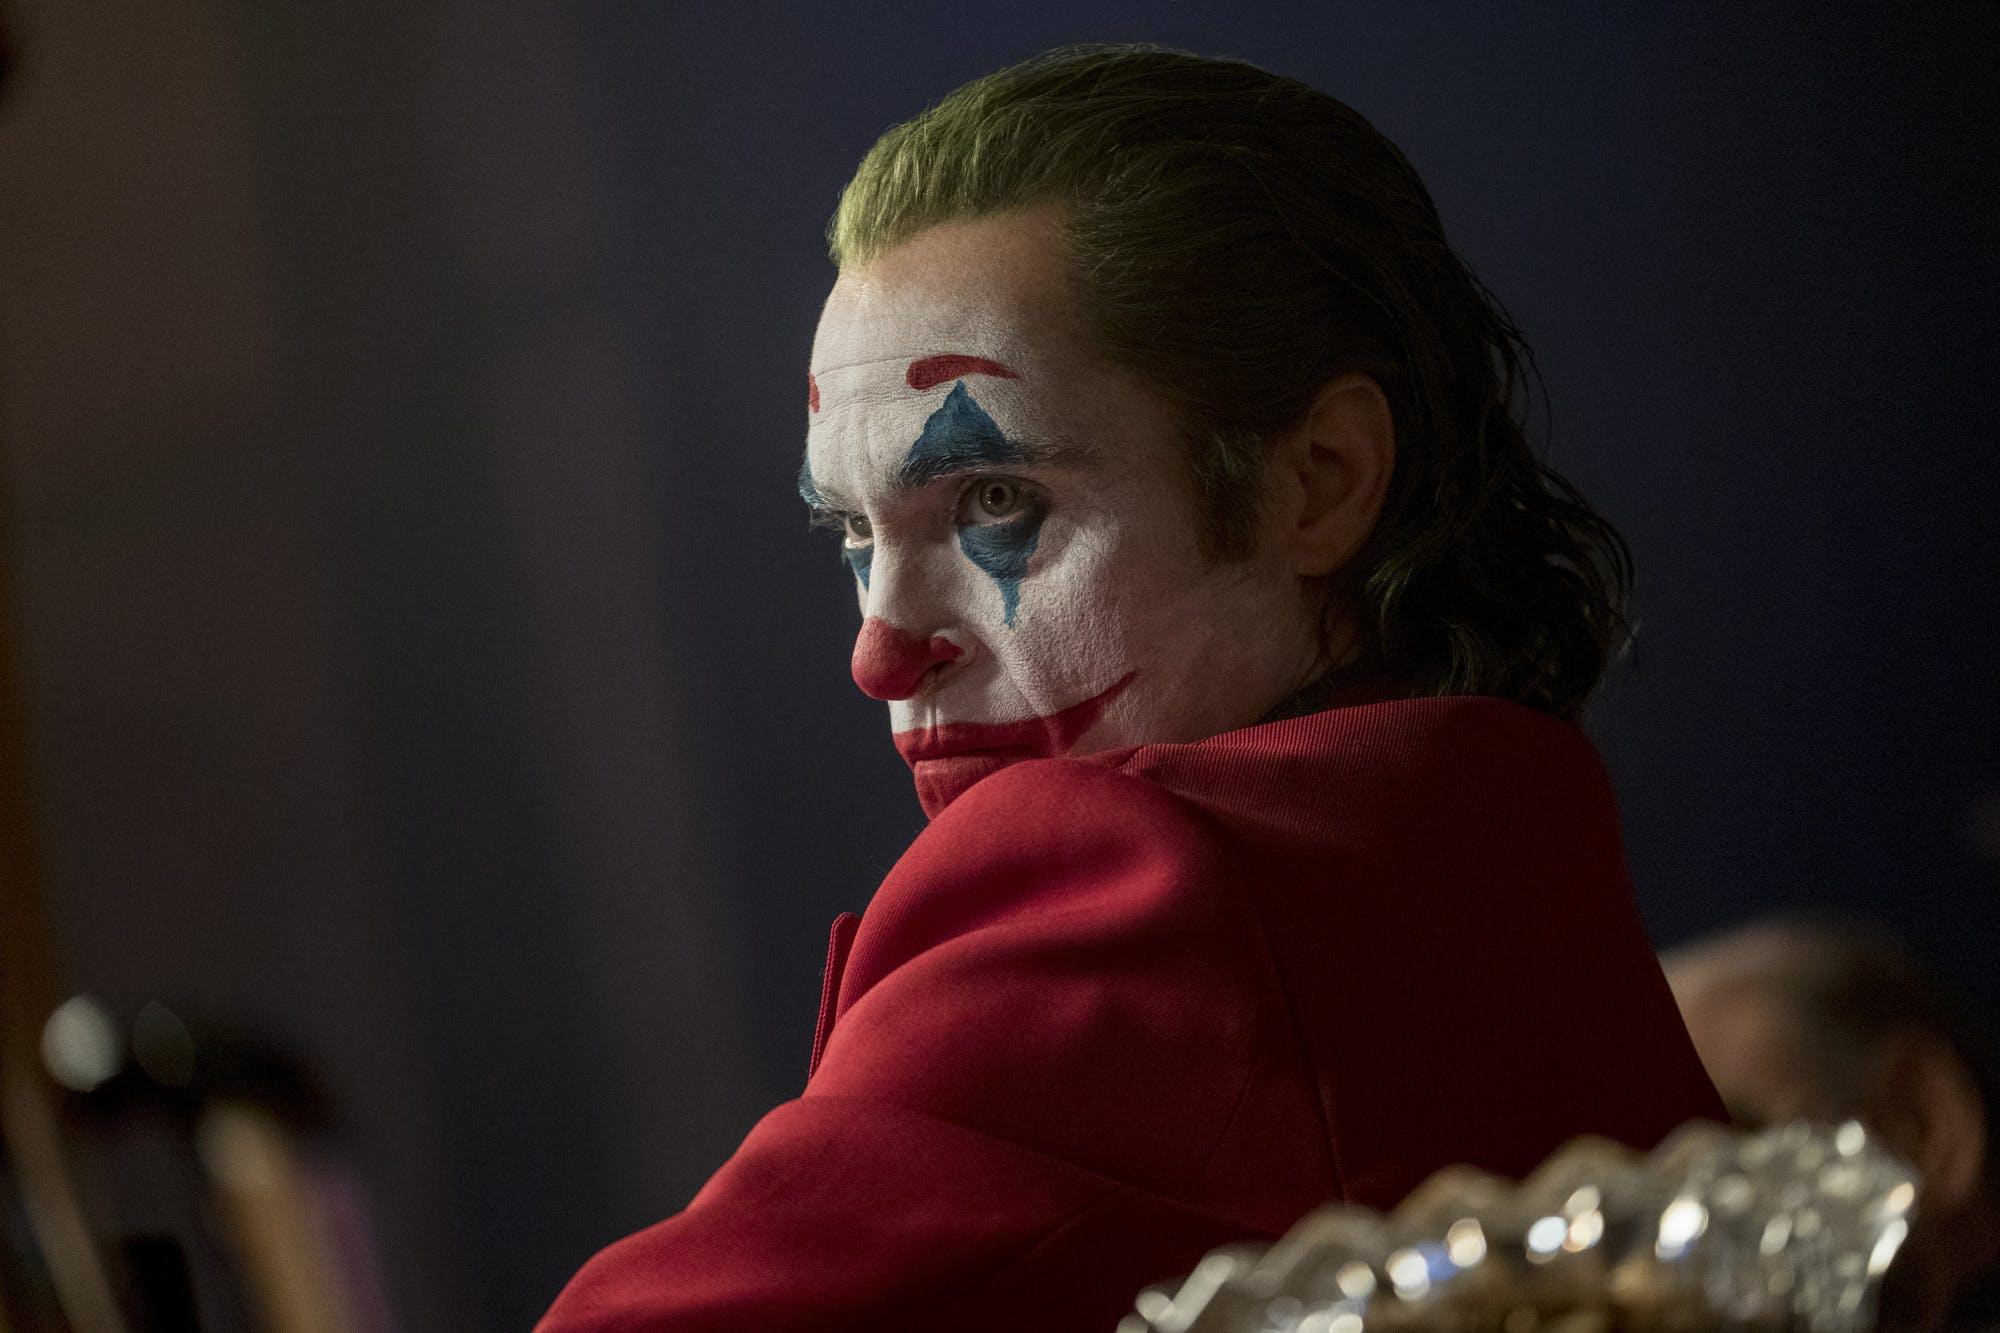 Soi nhanh một loạt Joker: Có thể Joaquin Phoenix là điên nhất nhưng chuẩn nguyên tác lại là người khác - Ảnh 10.